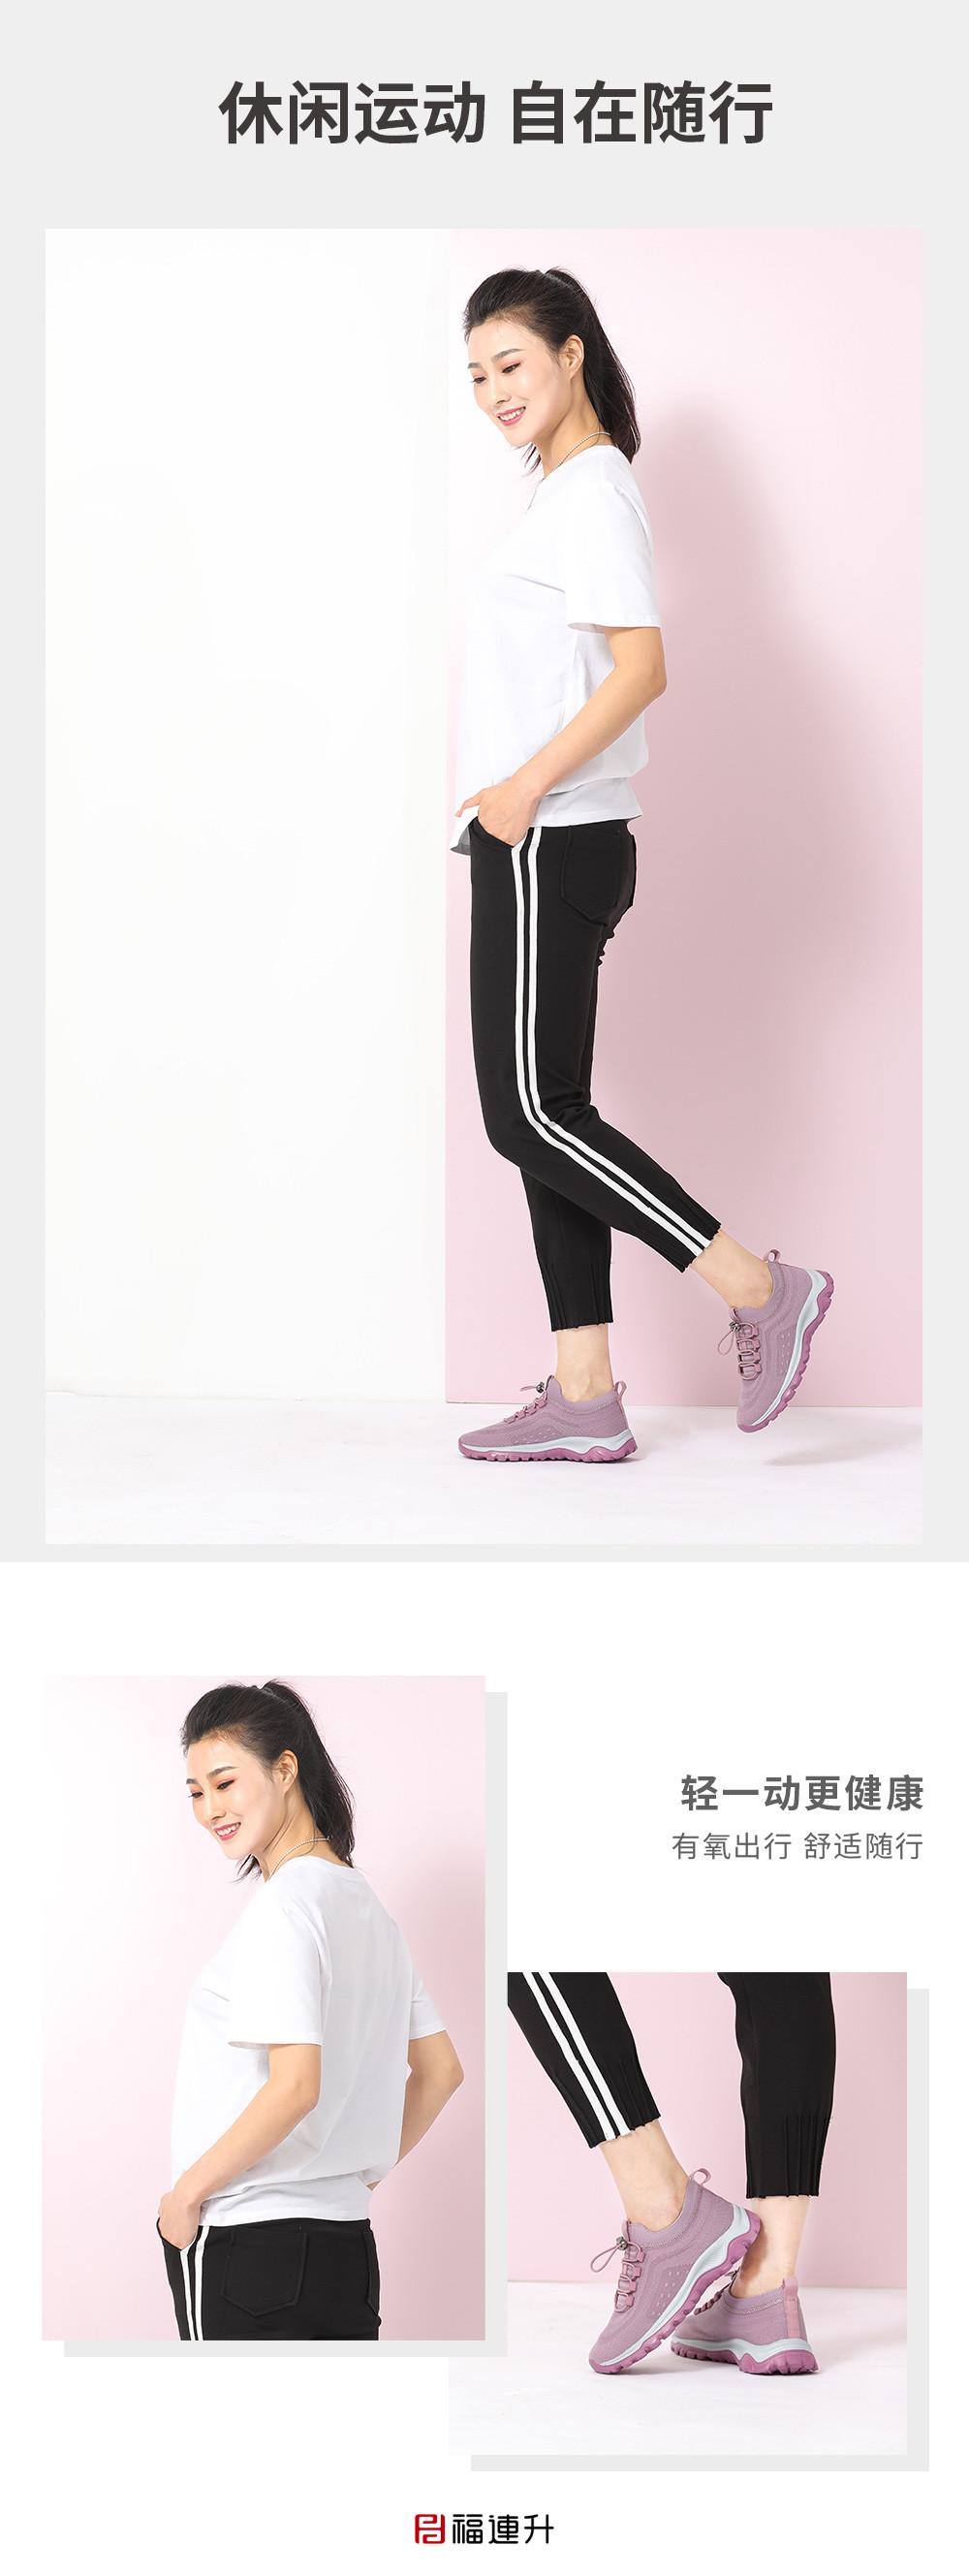 福连升女鞋凉鞋网鞋休闲运动女鞋夏款纱网鞋图片